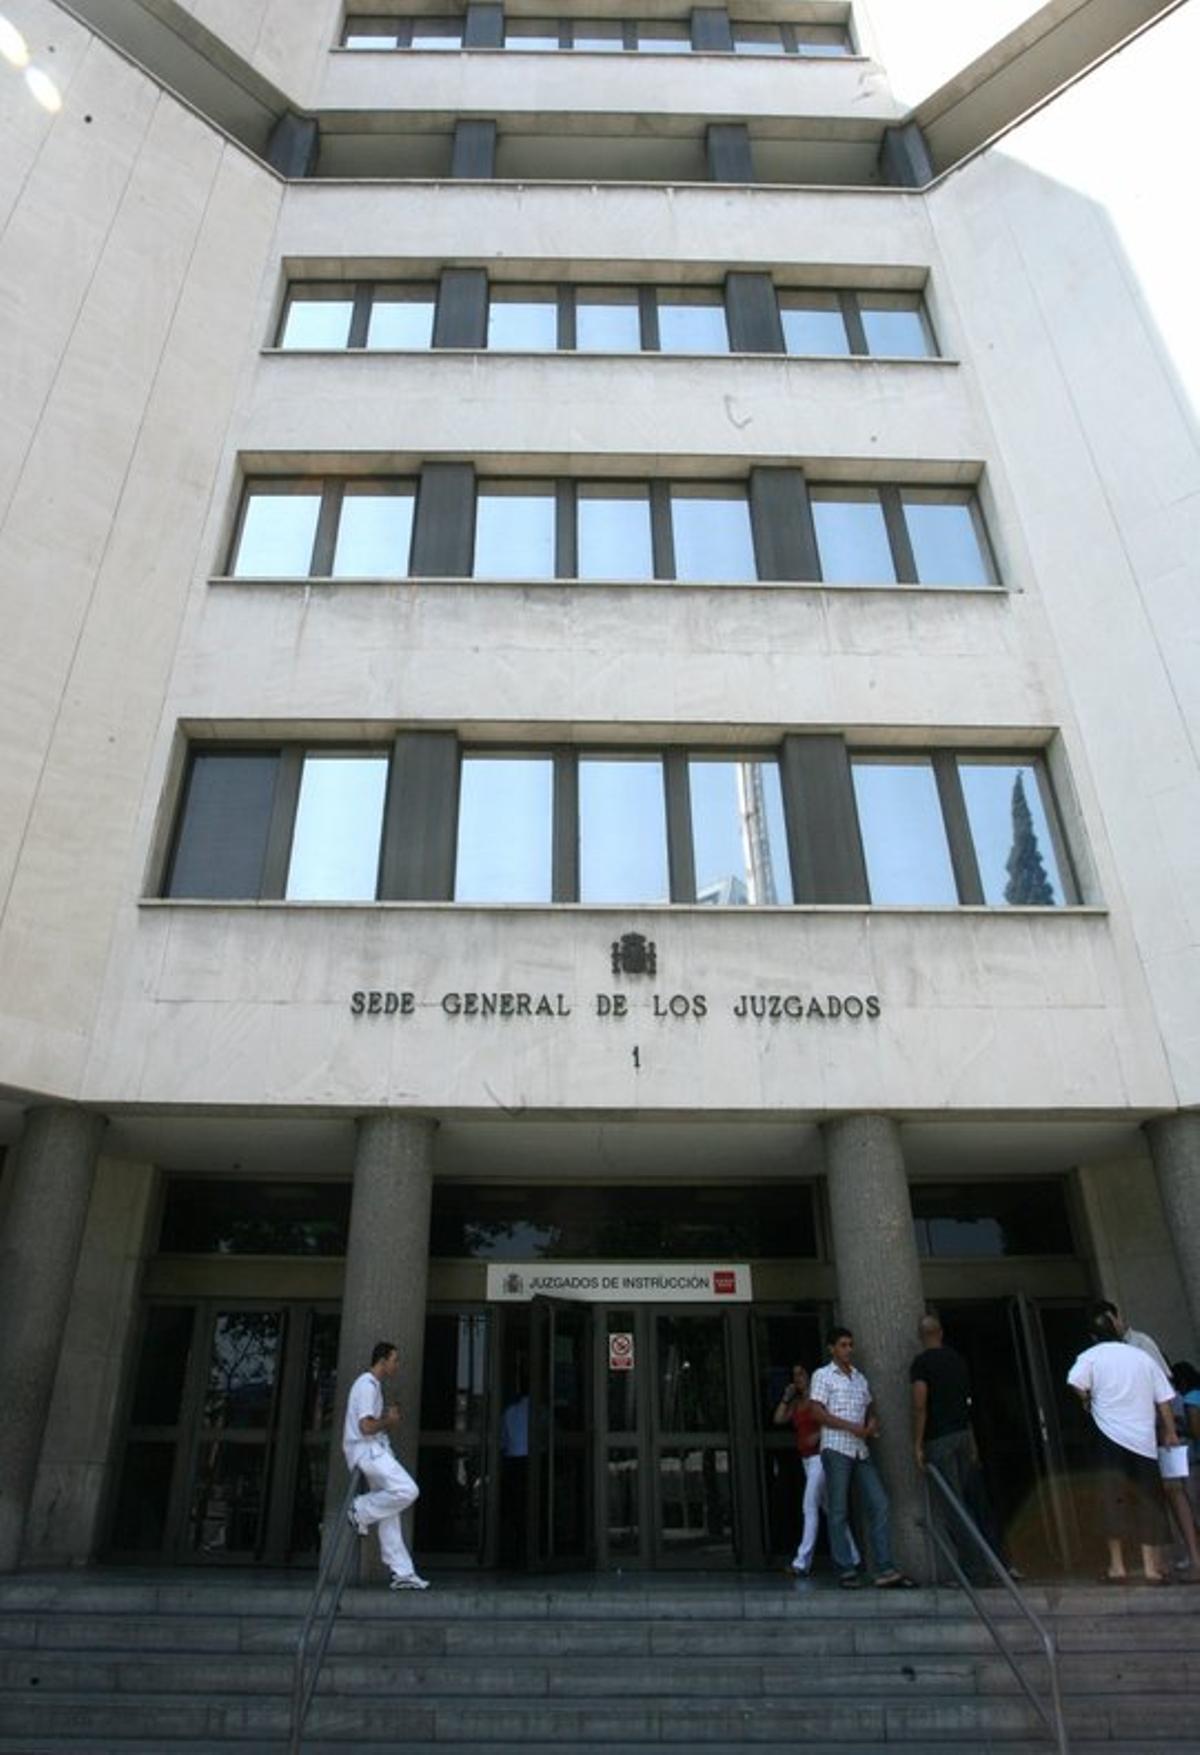 Sede General de los Juzgados de Madrid (Juzgados de Plaza de Castilla).